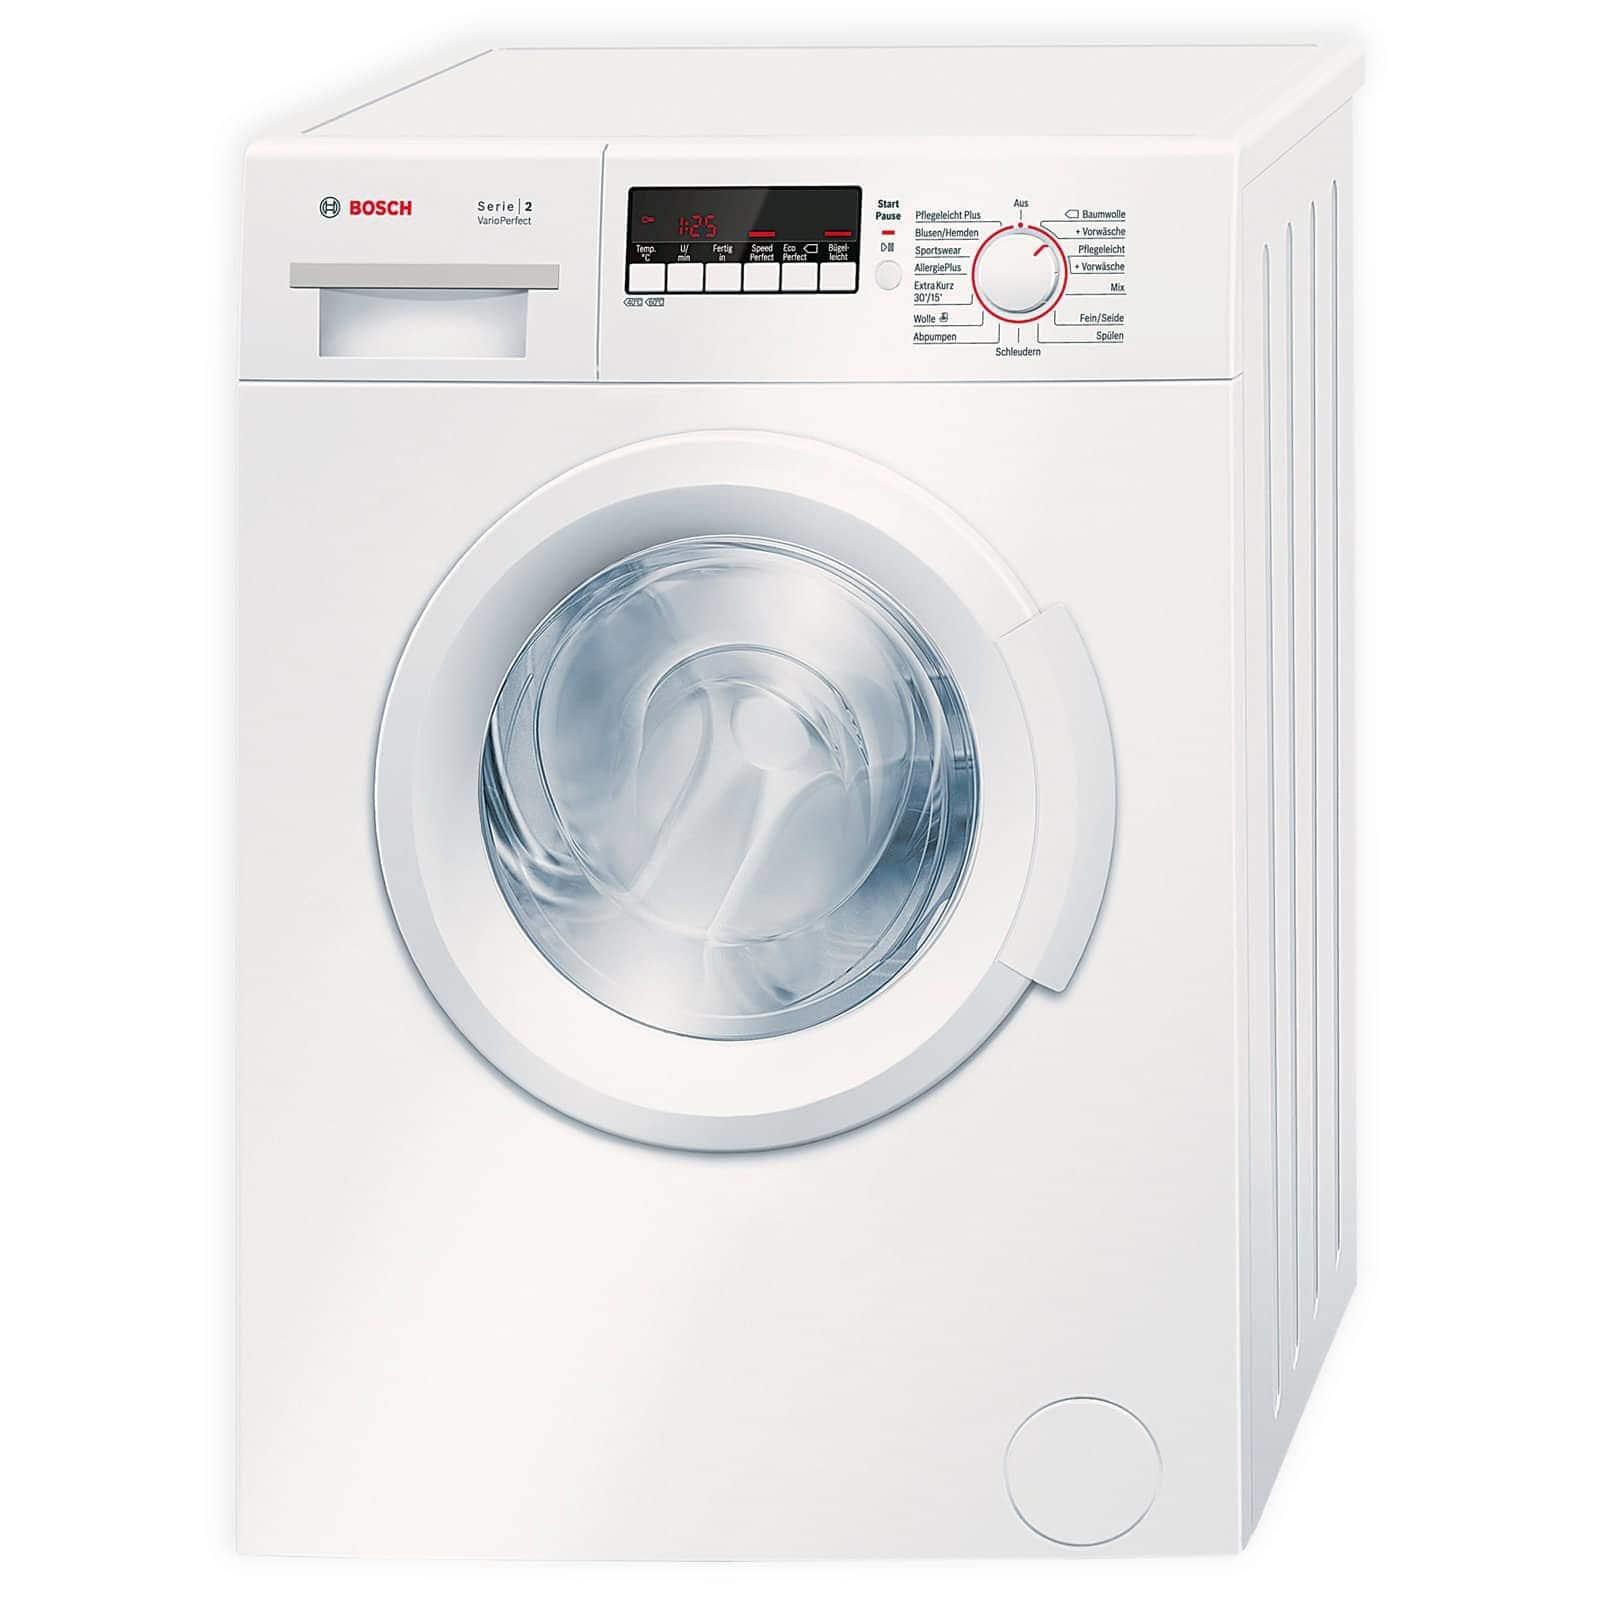 BOSCH Waschmaschine - WAB28270 - A+++ bei Roller, kostenlose Lieferung